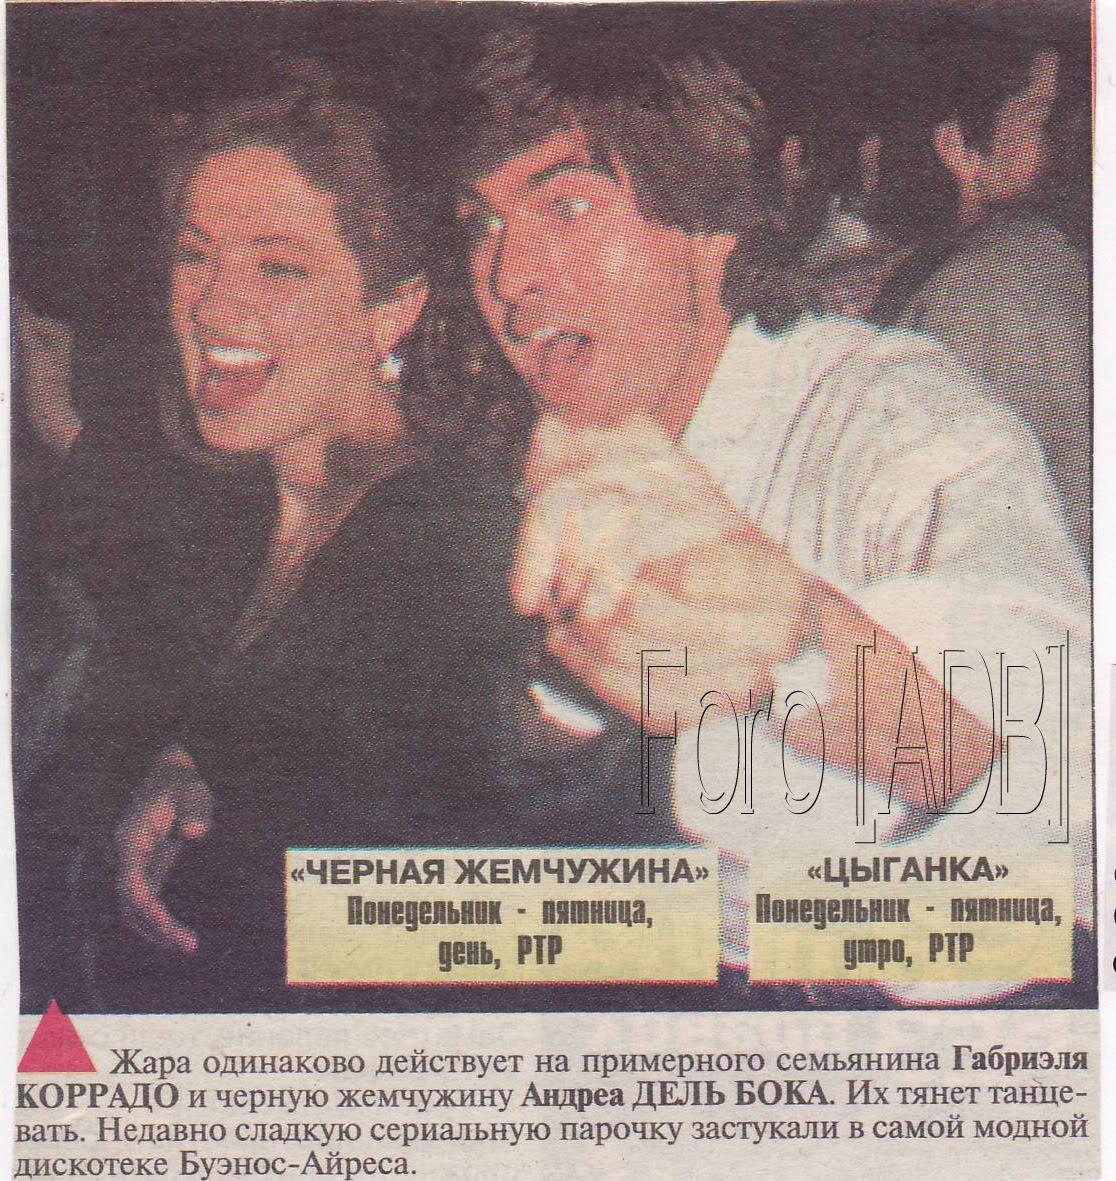 Ностальгируем (статьи из нашей прессы) 2000